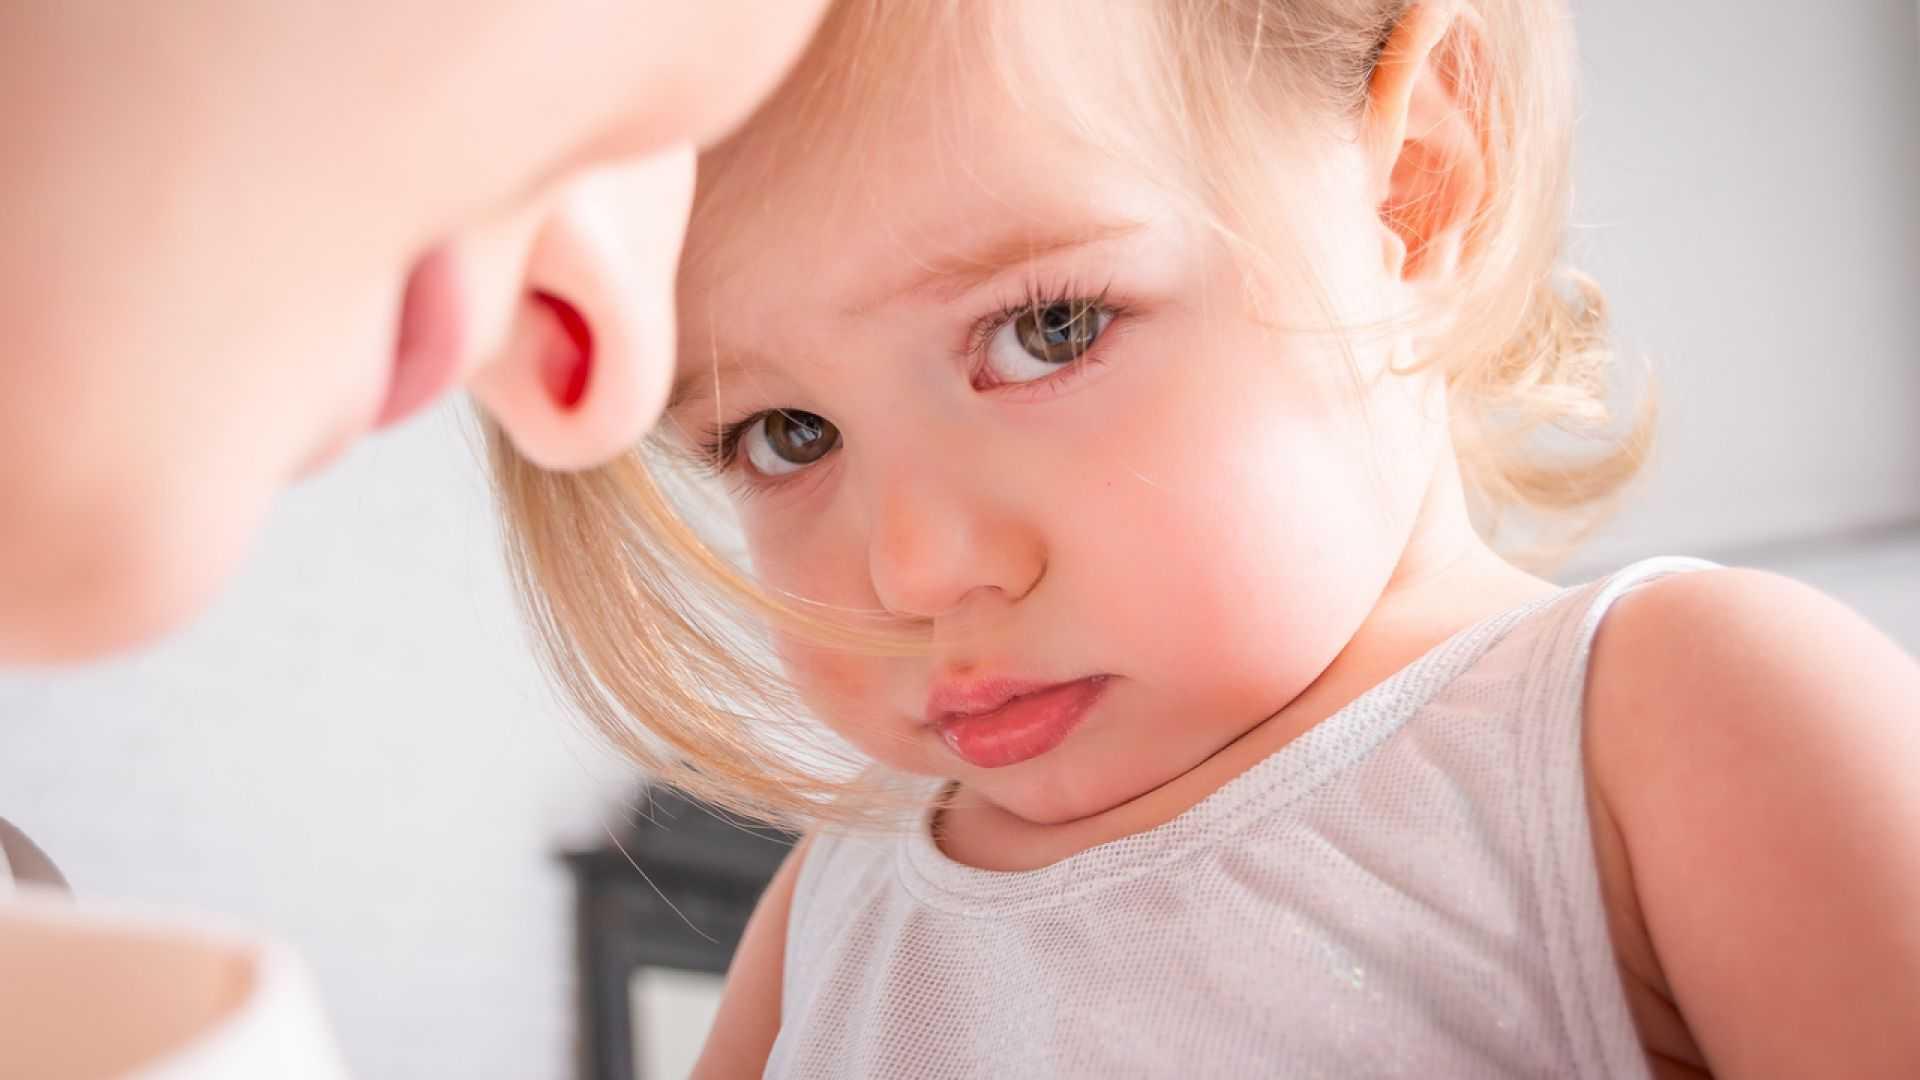 Истерика у ребенка: что делать? 3 истории от многодетного отца. меня осудили за истерику ребенка в магазине